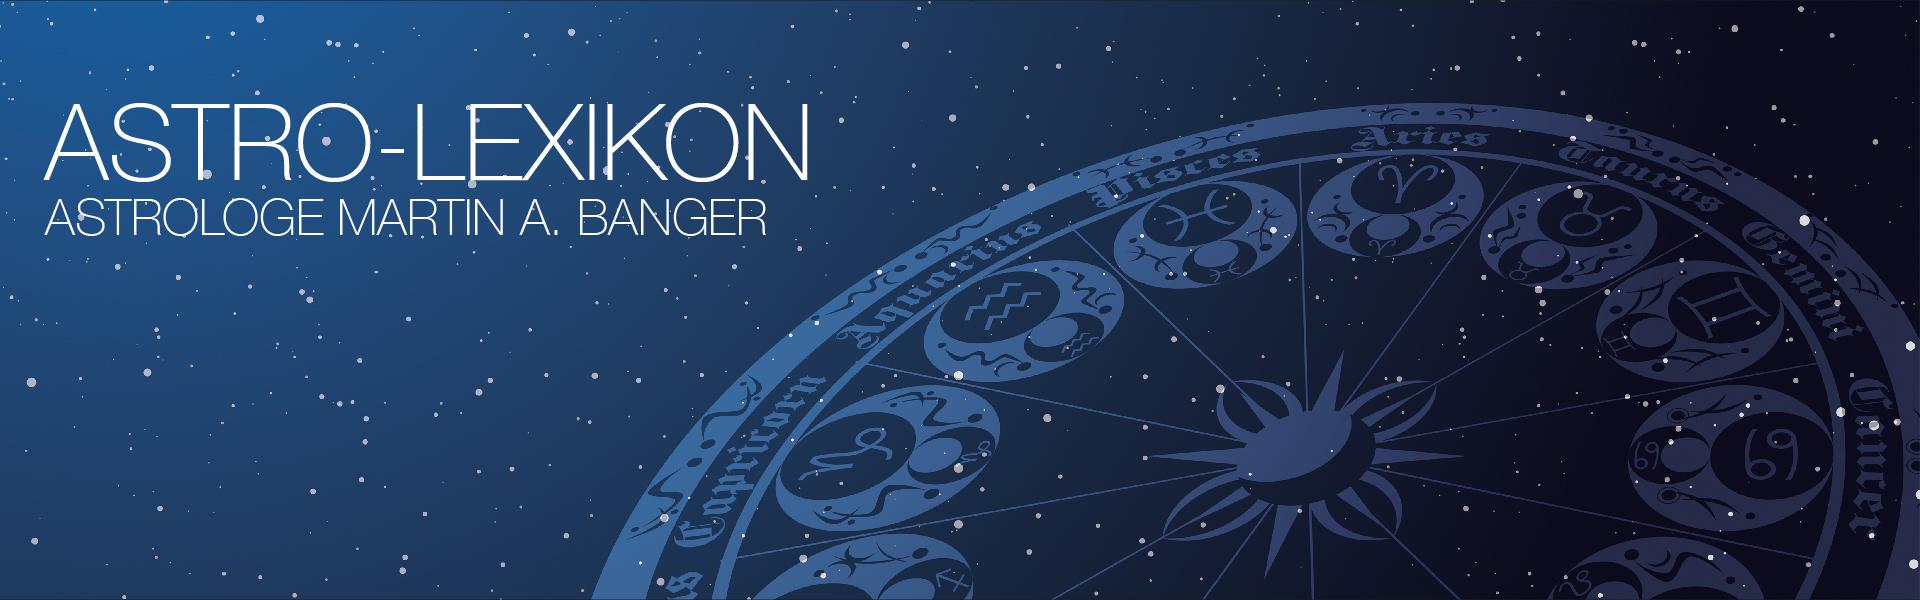 12Zeichen_Astrologe_Martin A Banger_Astrolexikon